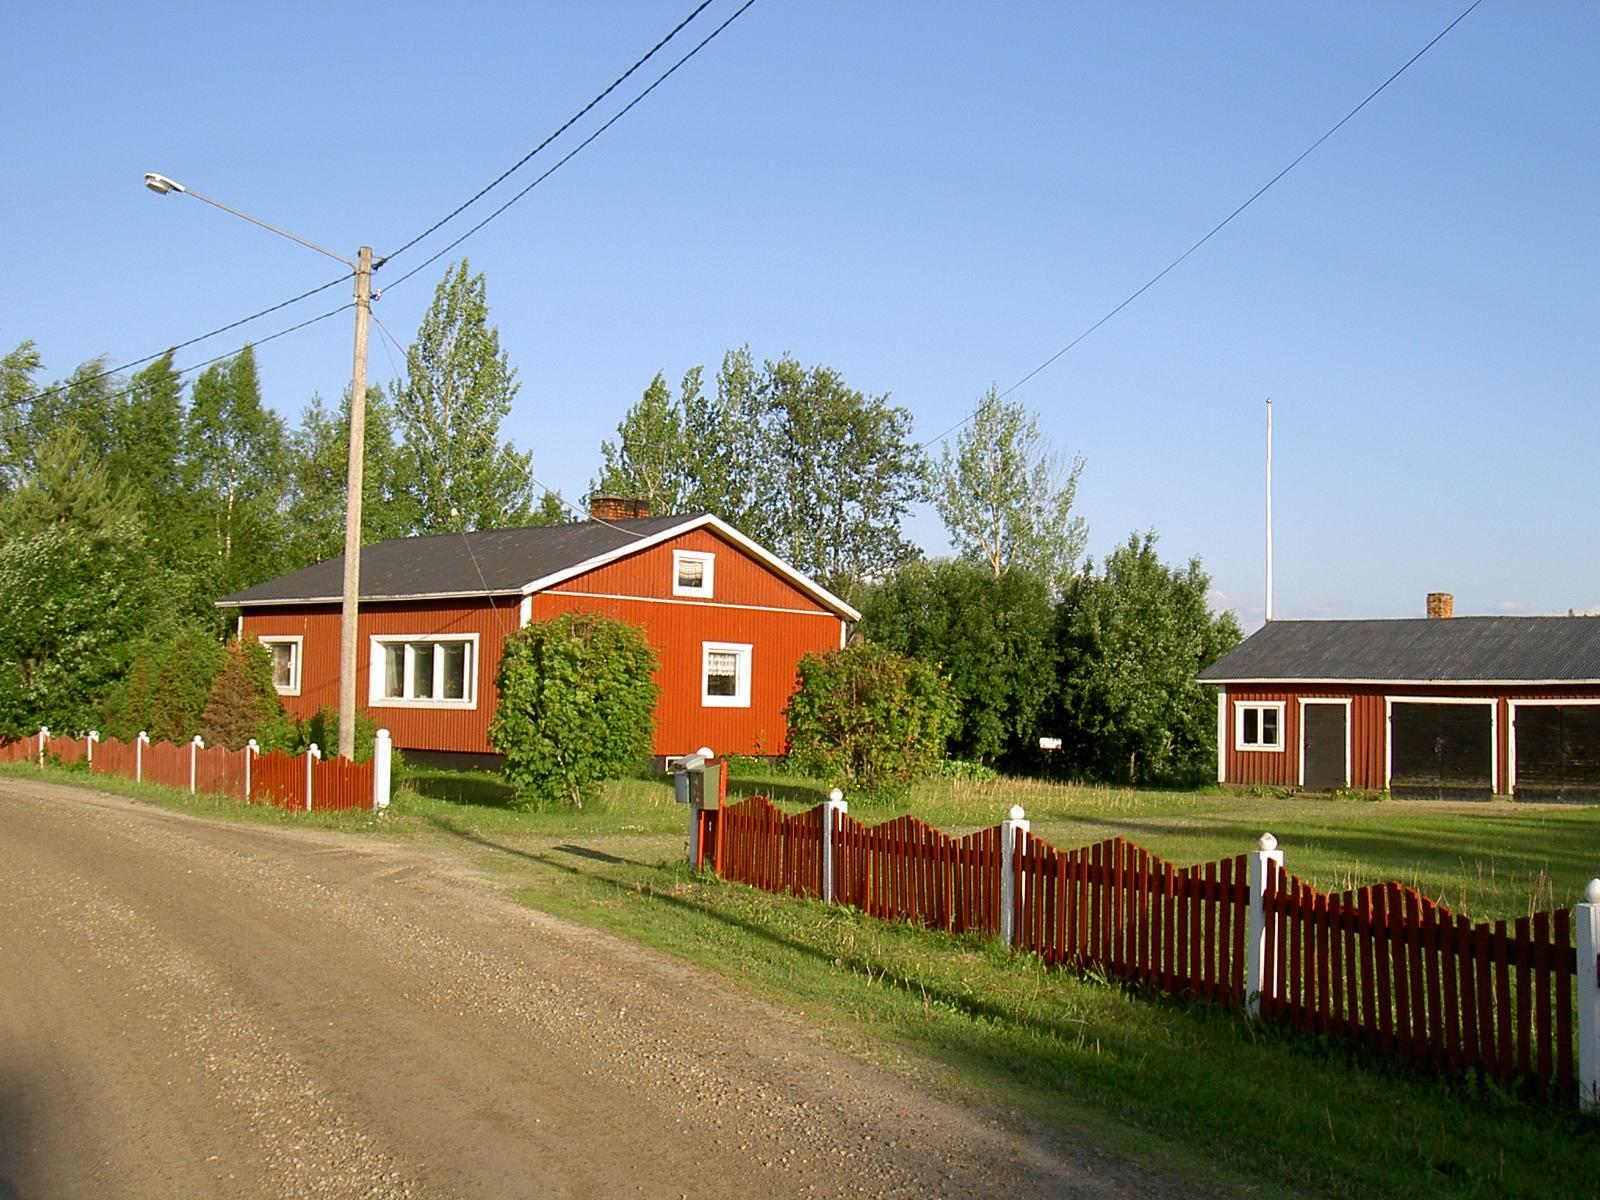 Så här såg det ut på det ställe där Lillsjö-Mattasinas hus stod i tiderna. Fotot taget från väster år 2003.